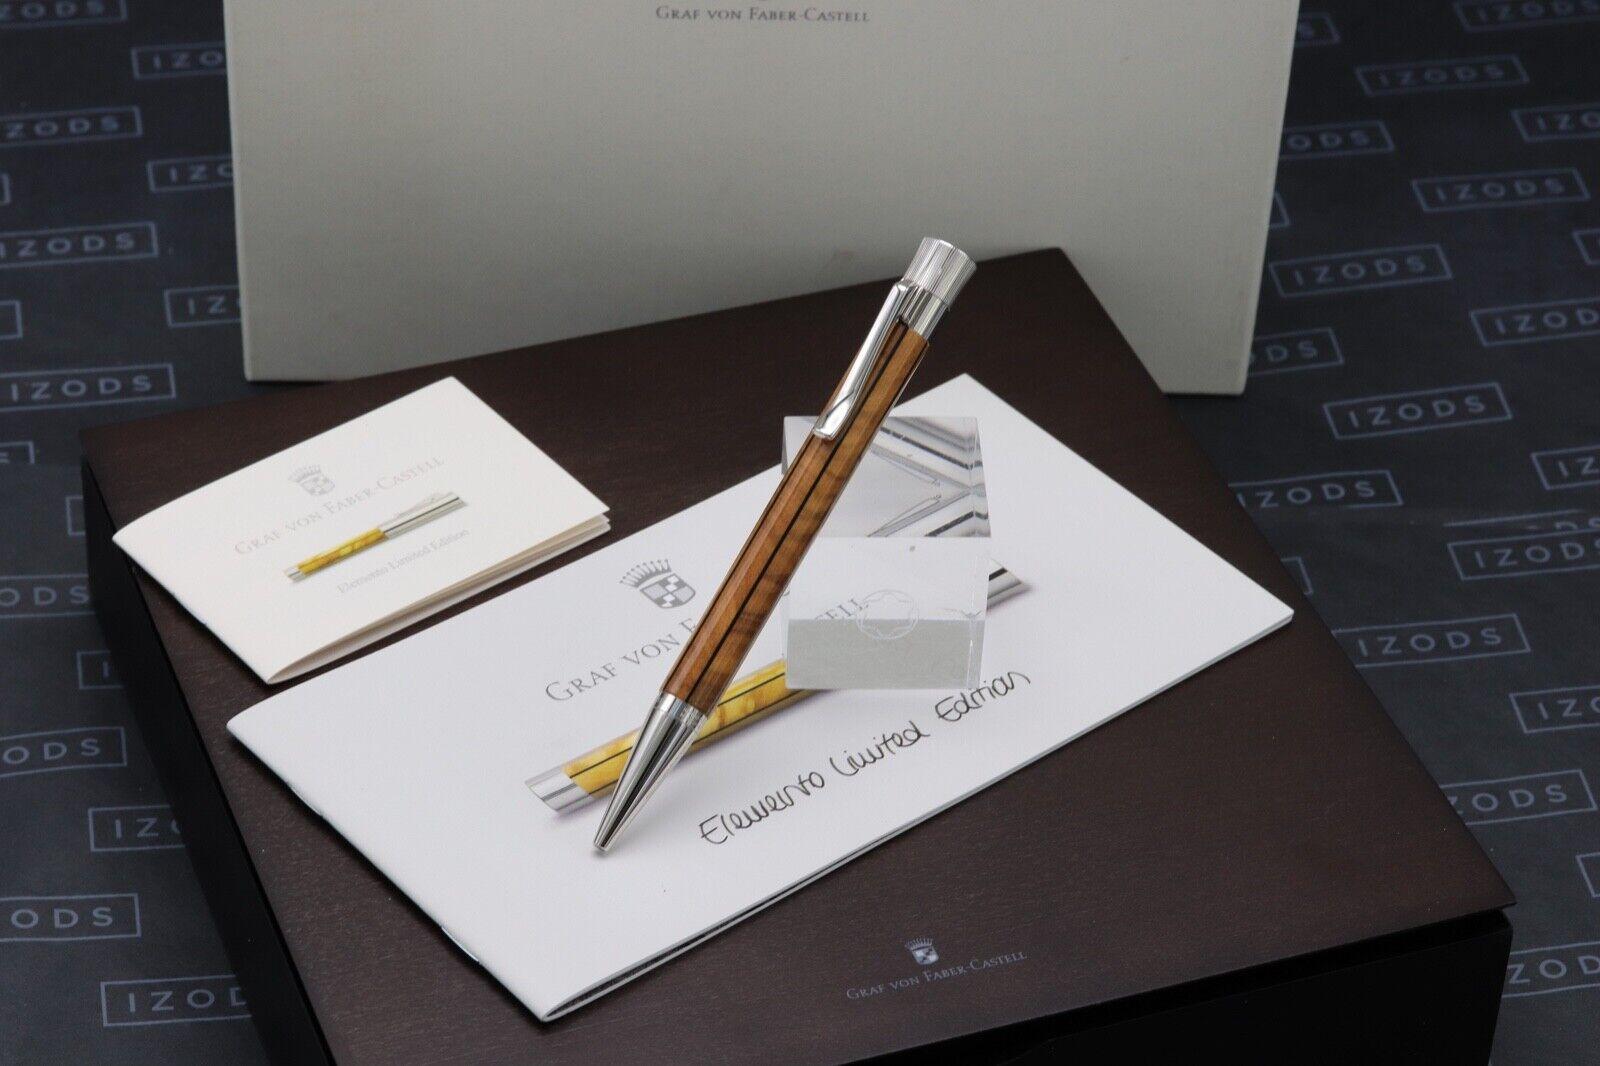 Graf von Faber Castell Elemento Limited Edition Ballpoint Pen - UNUSED